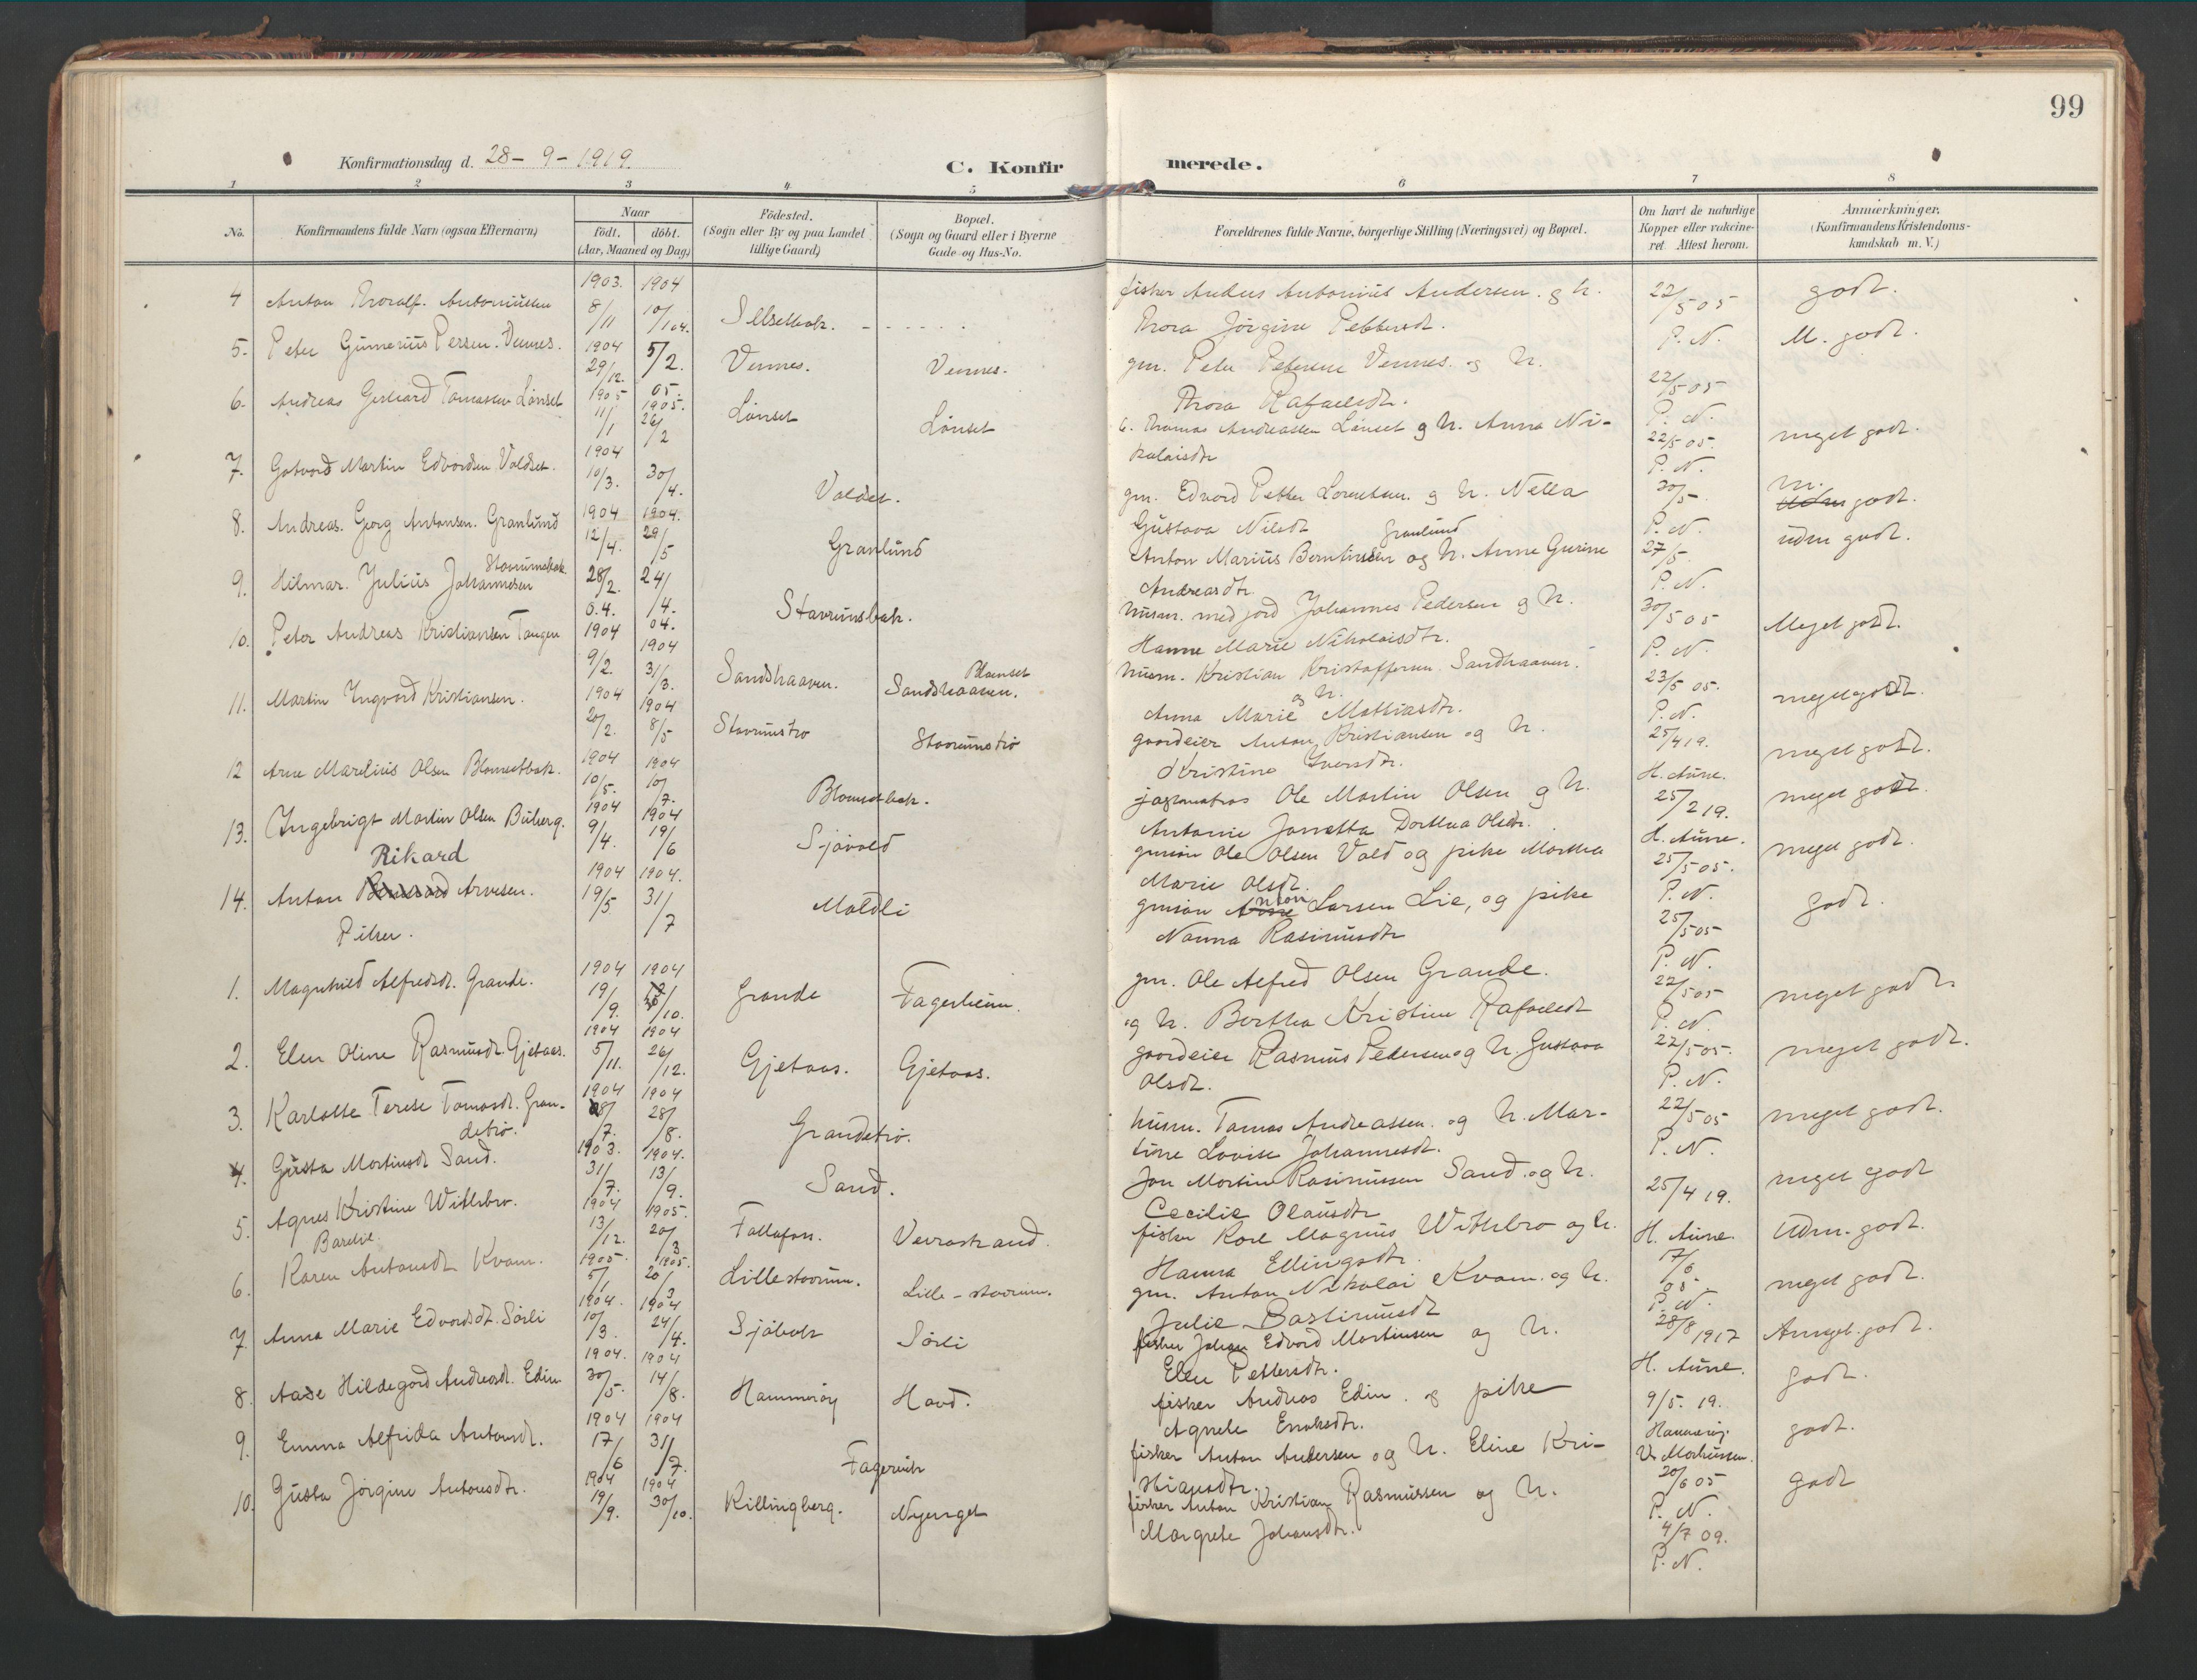 SAT, Ministerialprotokoller, klokkerbøker og fødselsregistre - Nord-Trøndelag, 744/L0421: Ministerialbok nr. 744A05, 1905-1930, s. 99